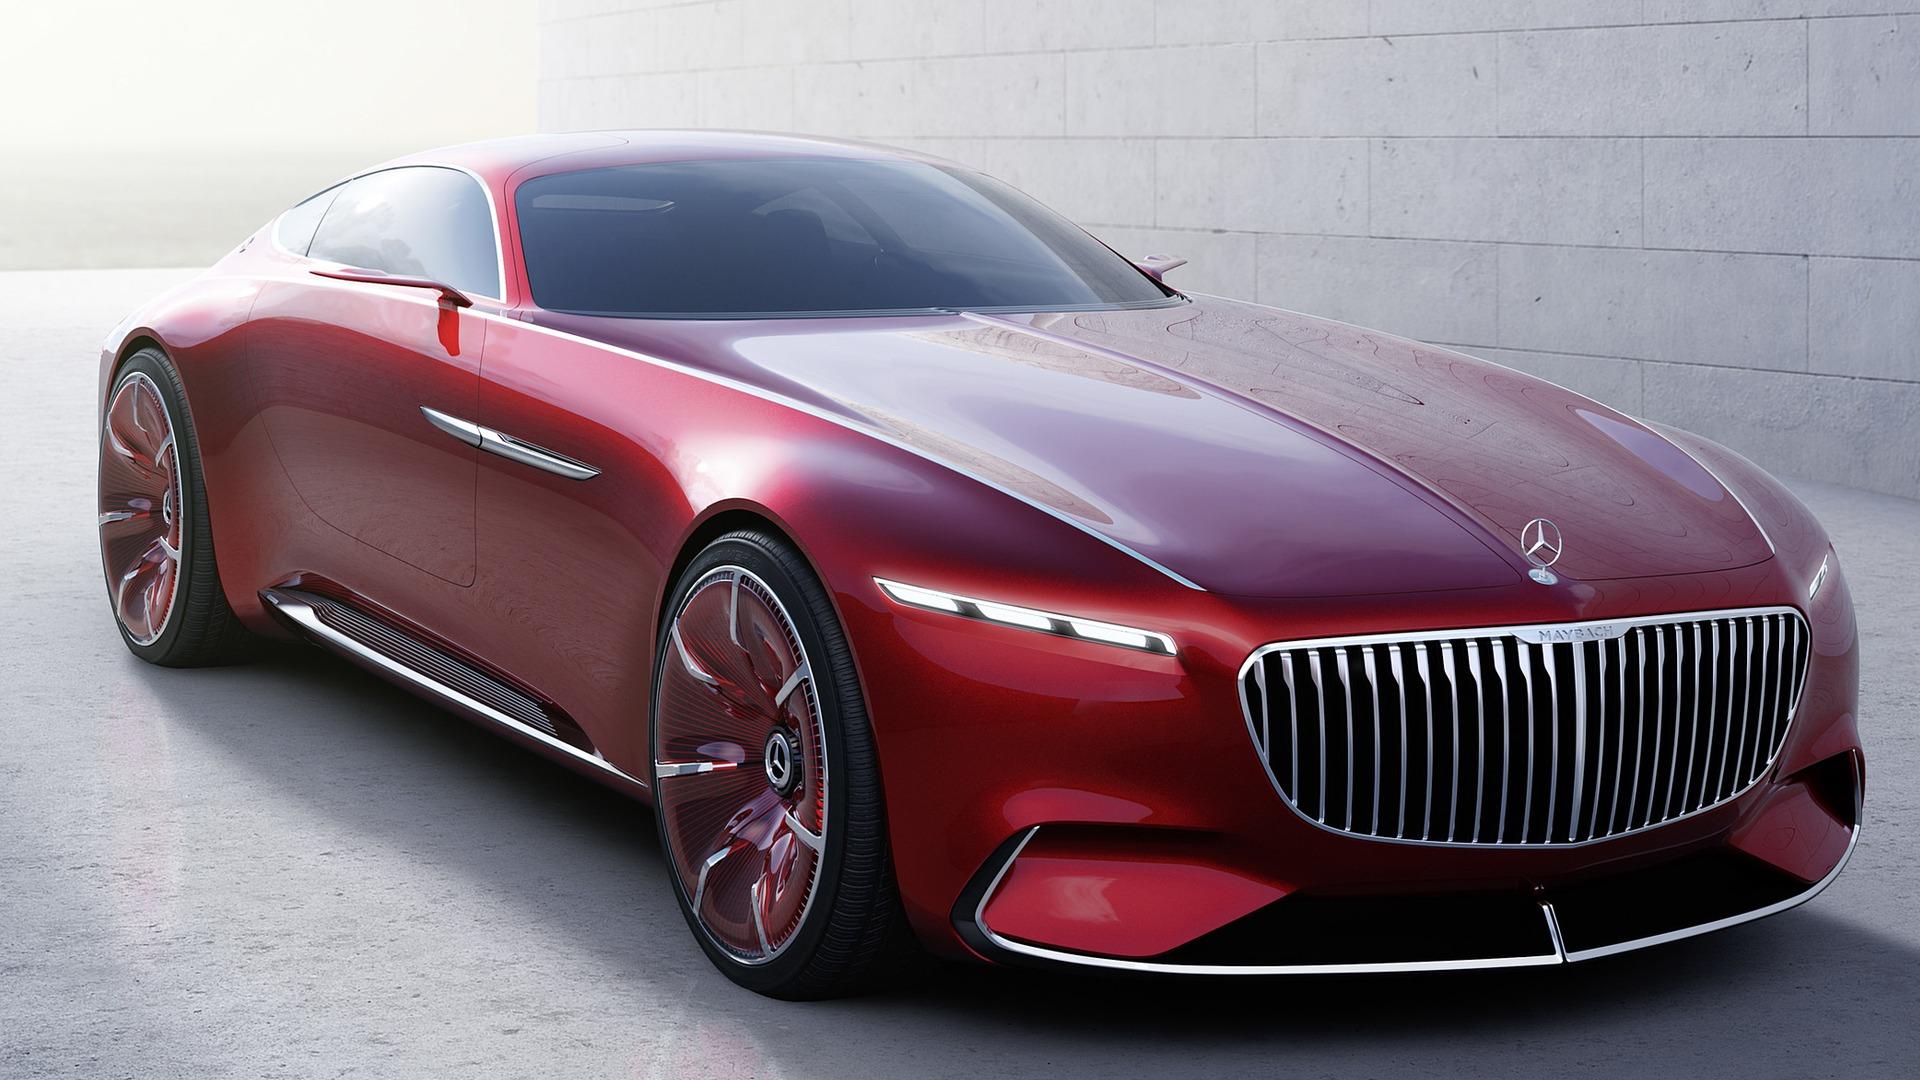 Lordens garasje – Topp 5 drømmebiler